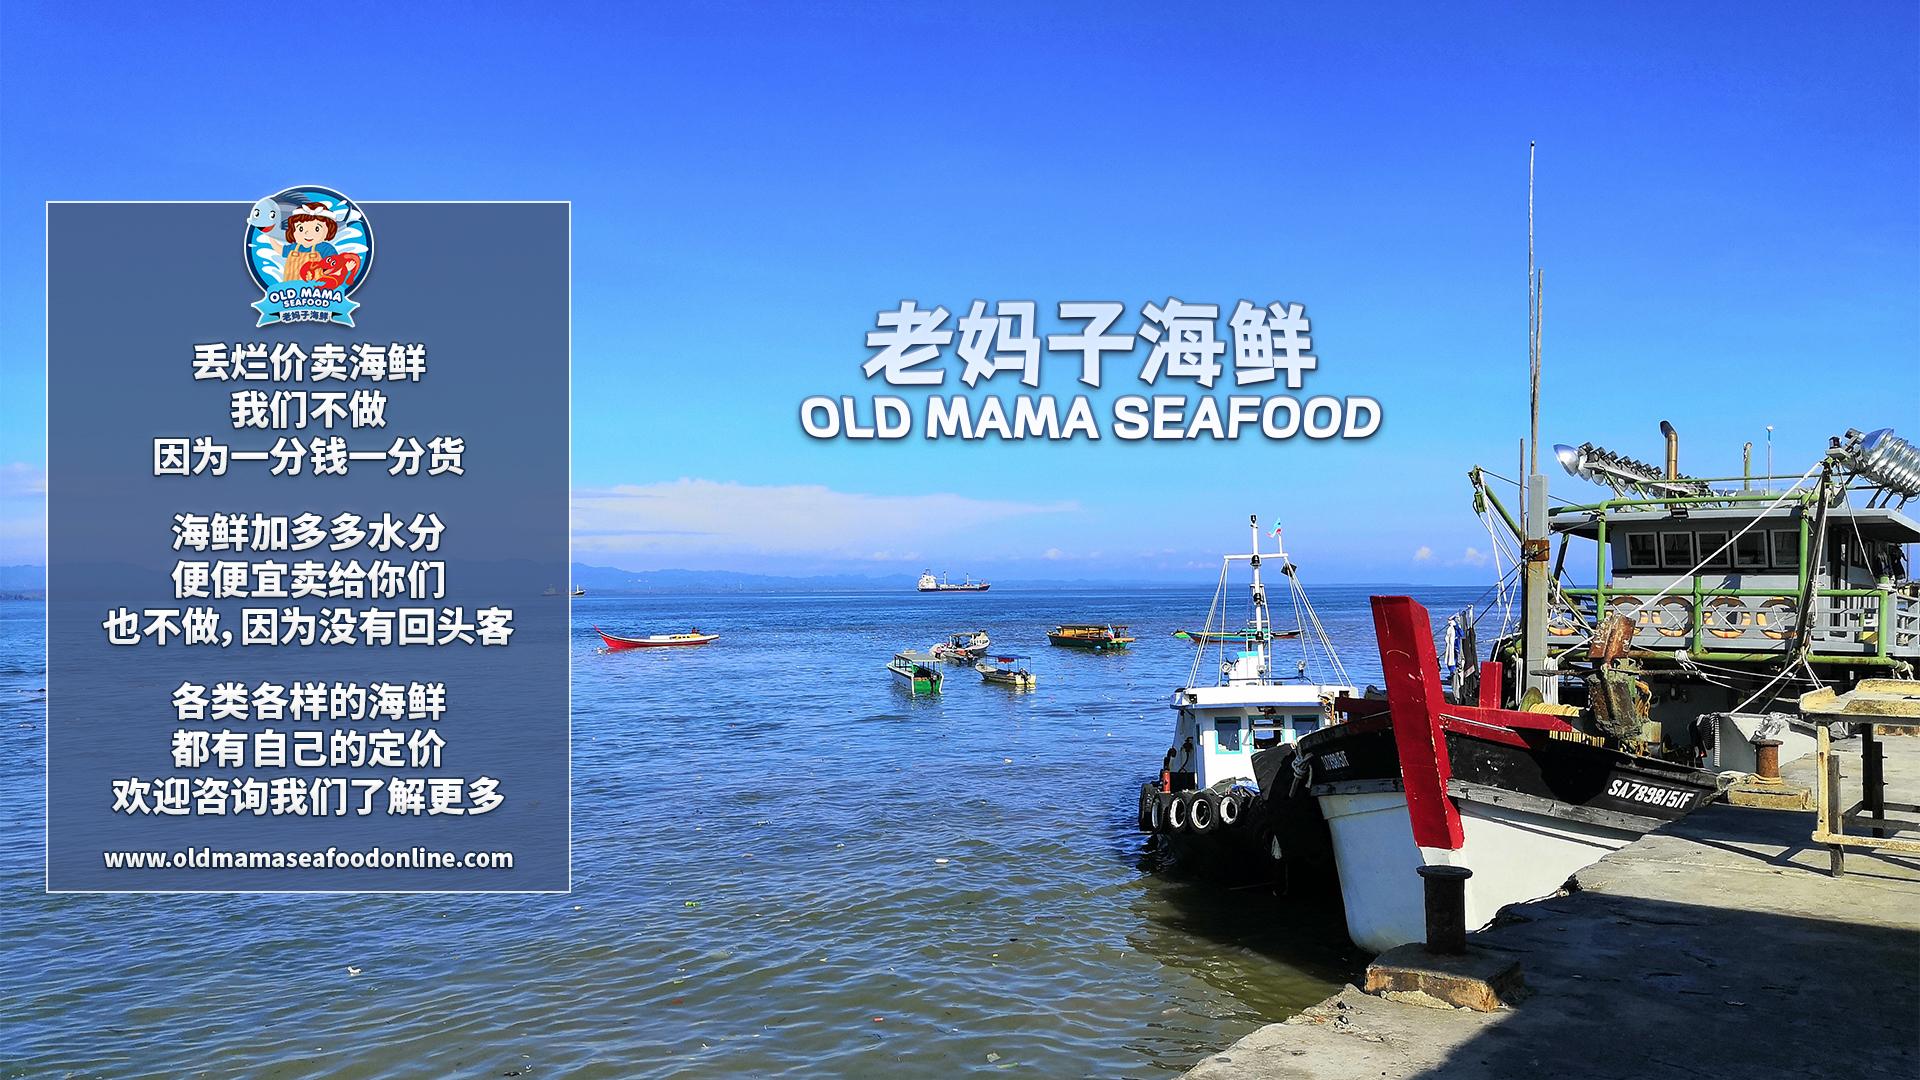 Old Mama Seafood PLT |